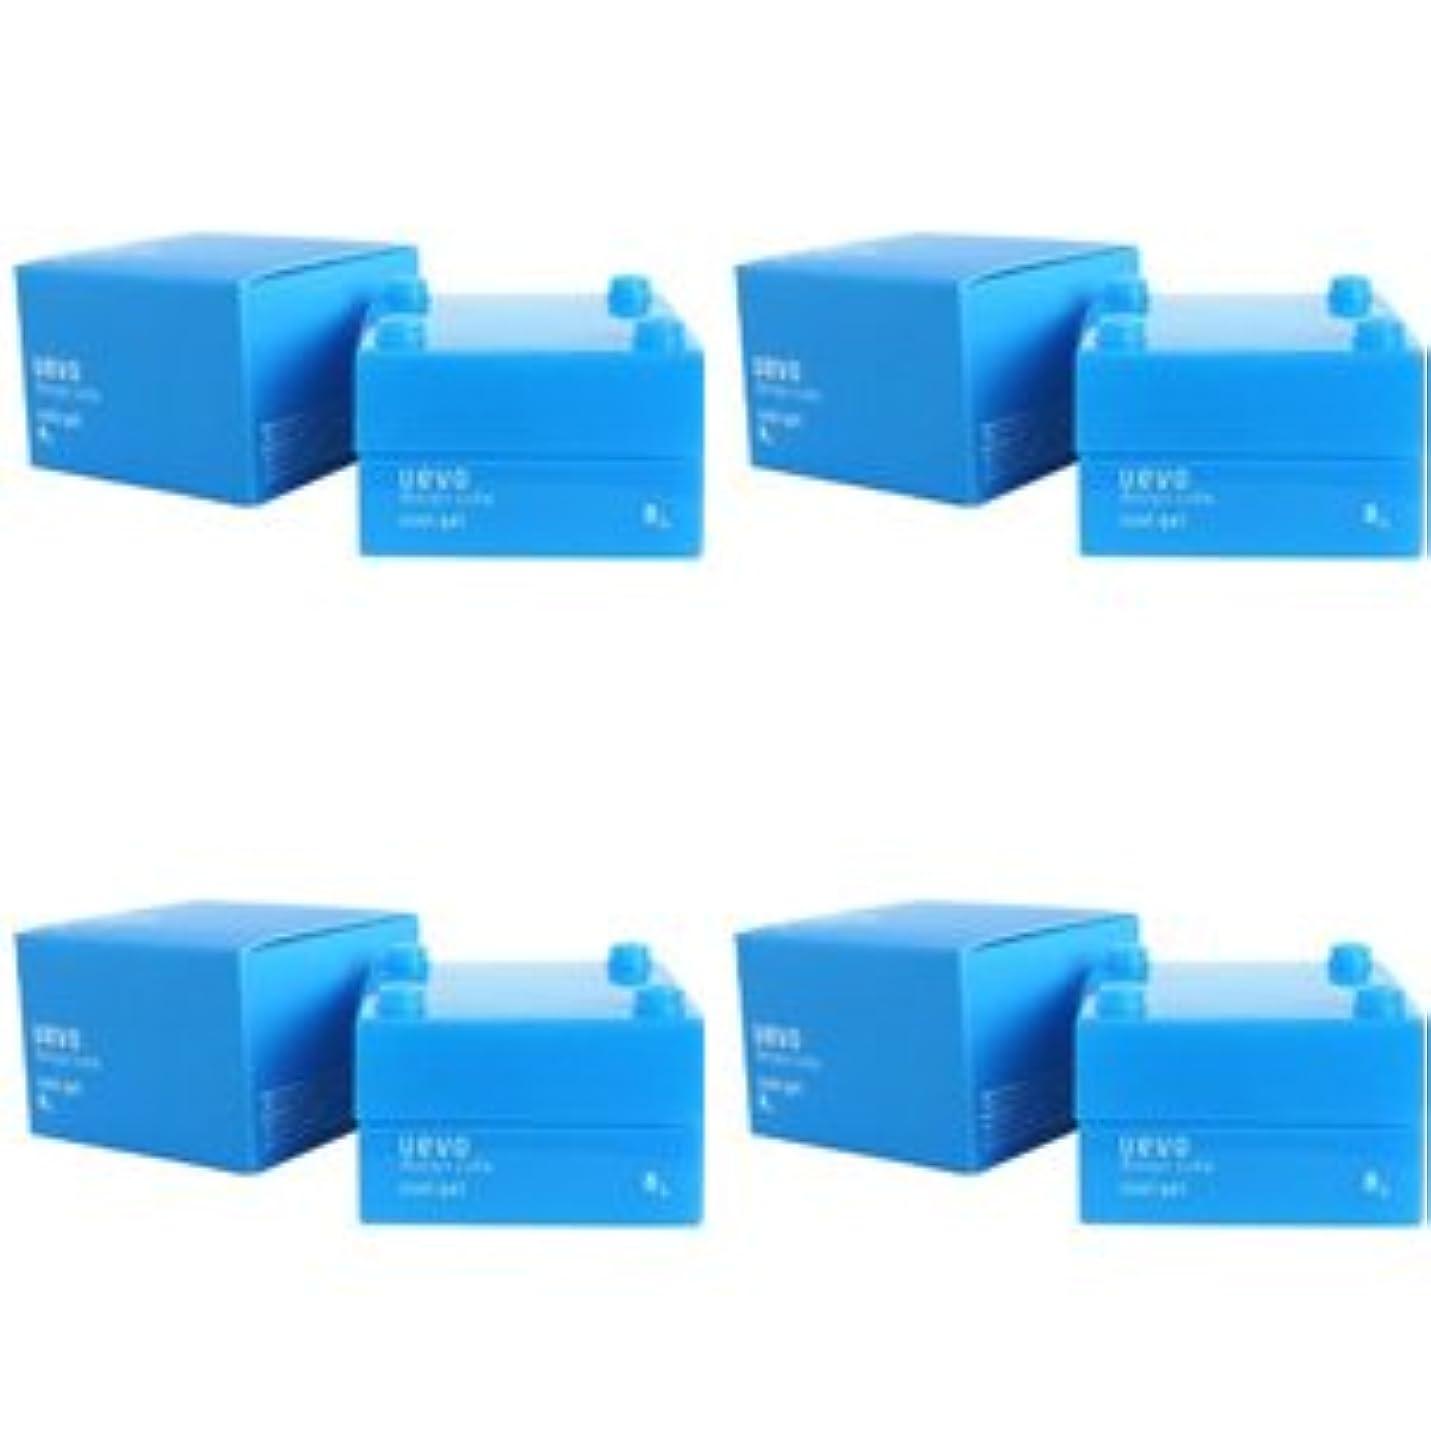 適度な考える修士号【X4個セット】 デミ ウェーボ デザインキューブ クールジェル 30g cool gel DEMI uevo design cube